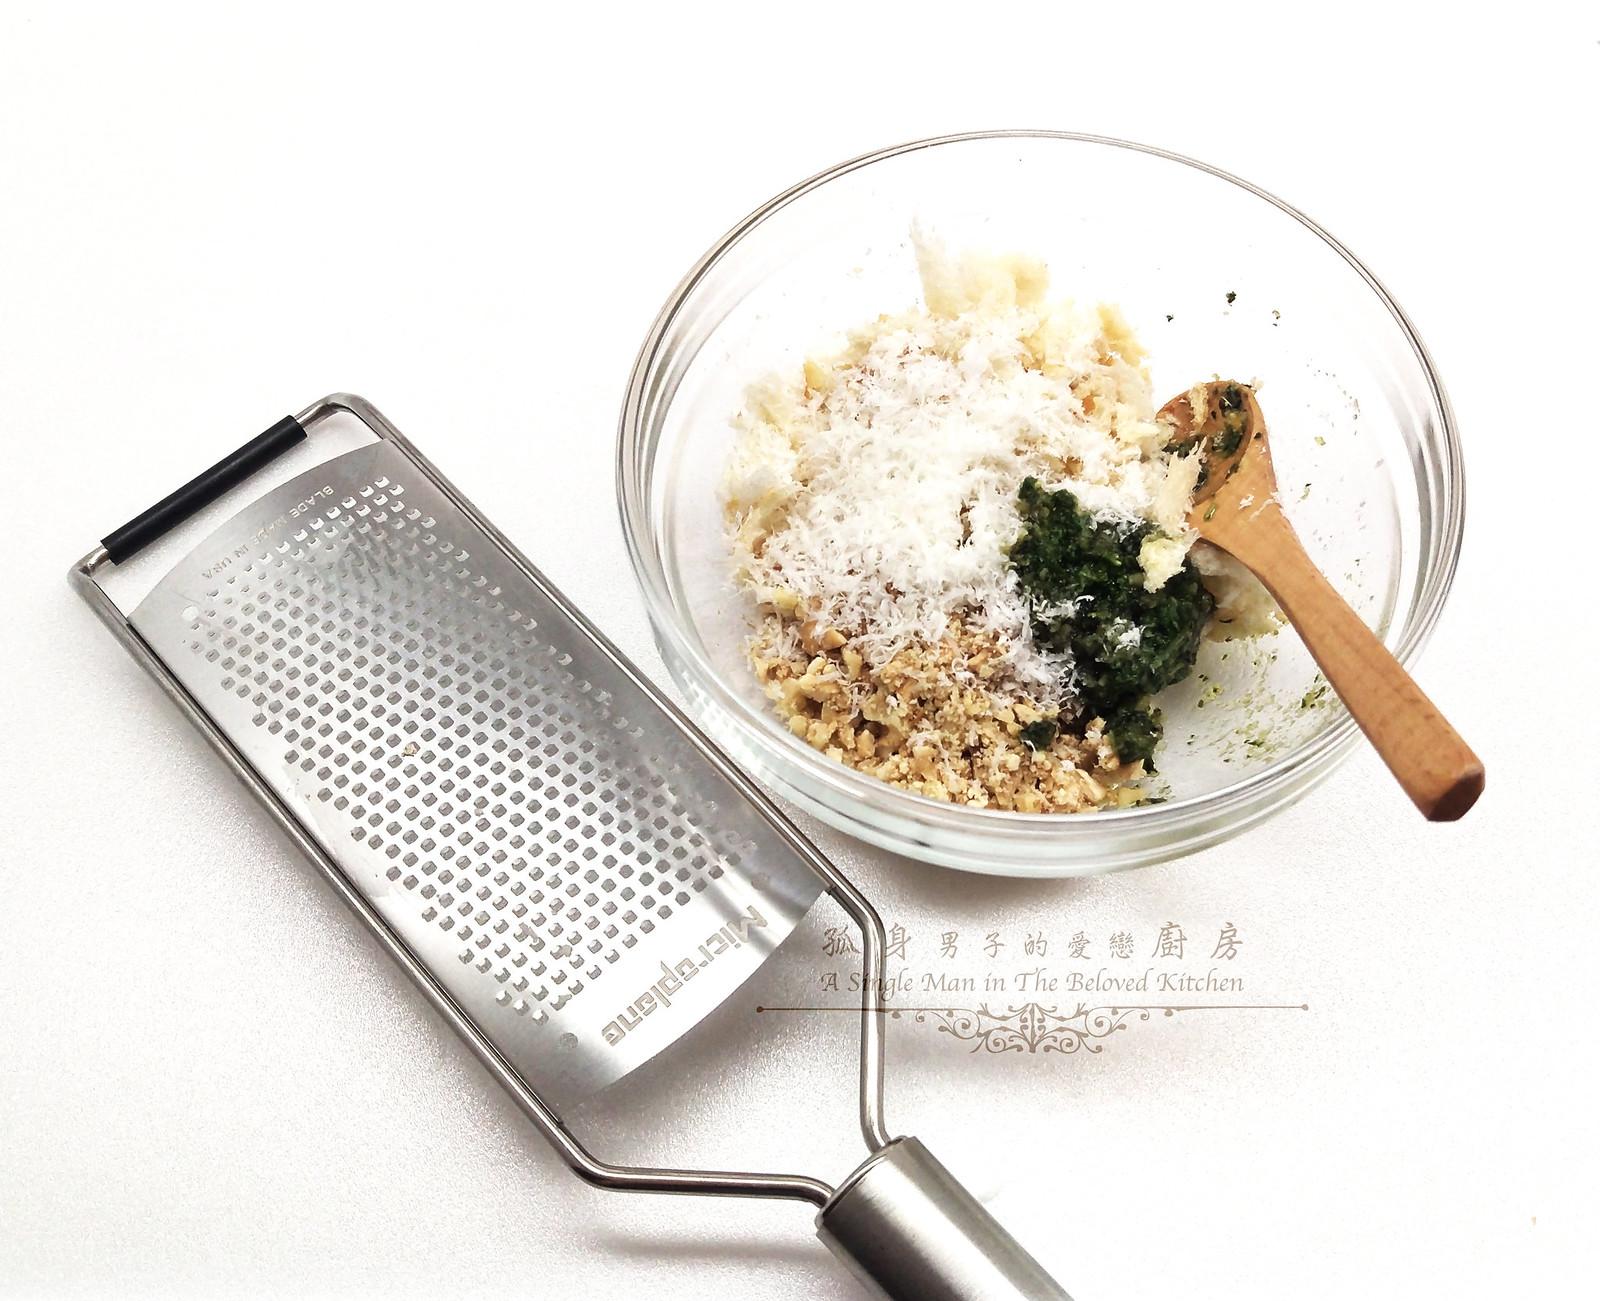 孤身廚房-青醬帕瑪森起司鑲烤朝鮮薊佐簡易油醋蘿蔓沙拉8